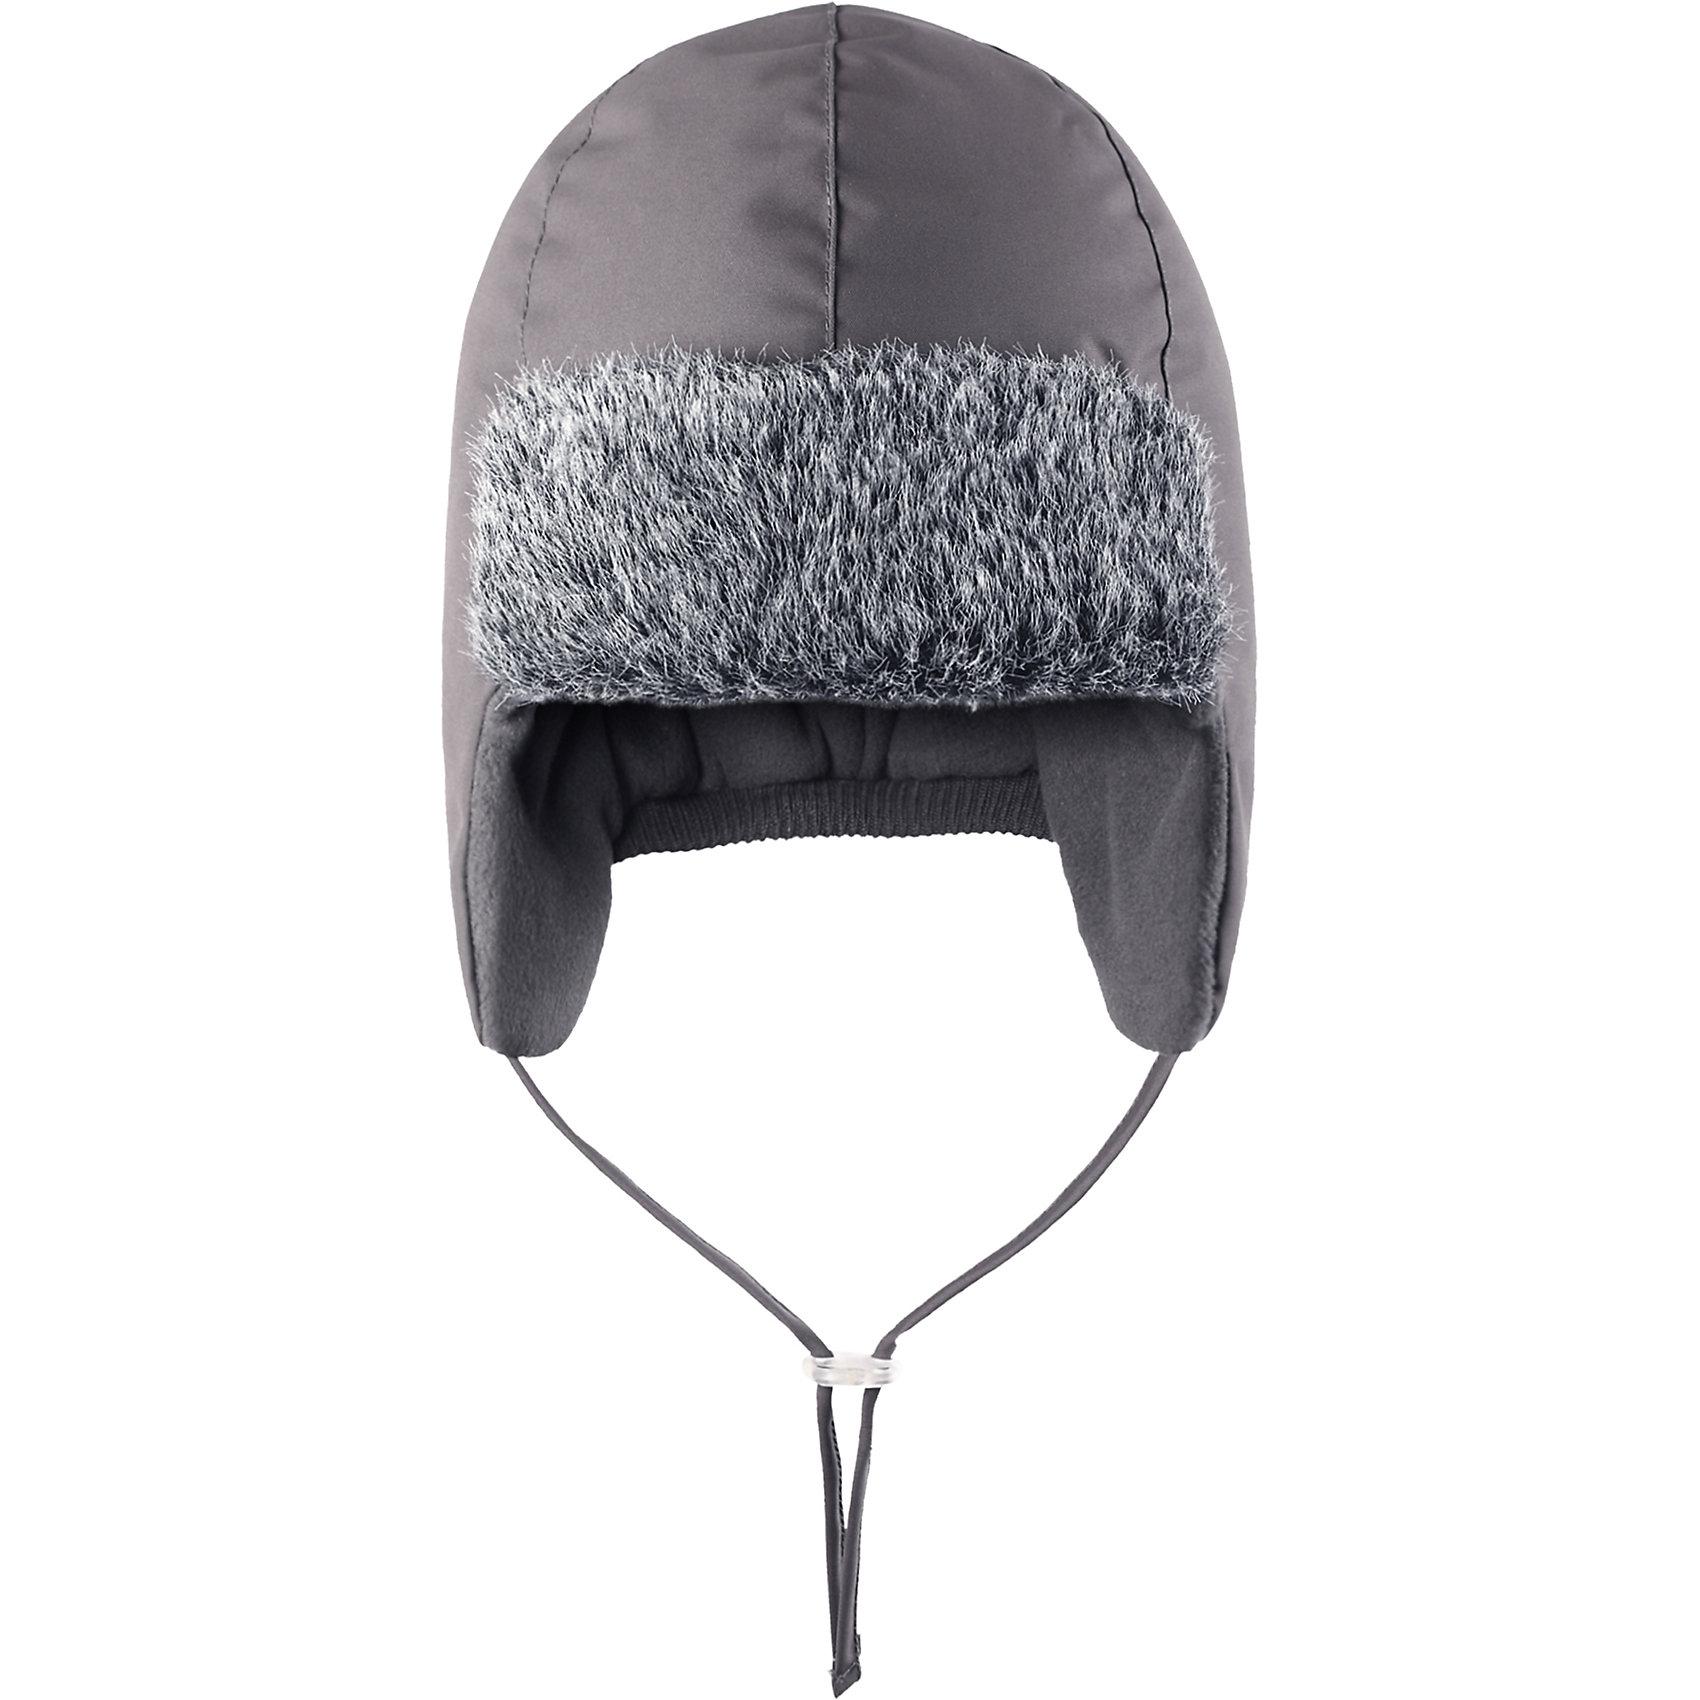 Шапка для мальчика LASSIEЗимняя шапка для малышей известной финской марки.<br><br>- Водоотталкивающий, ветронепроницаемый и грязеотталкивающий материал. <br>-  Мягкая теплая подкладка из флиса. <br>- Средняя степень утепления.<br>- Светоотражающая эмблема Lassie®.<br><br> Рекомендации по уходу: Полоскать без специального средства. Сушить при низкой температуре. <br><br>Состав: 100% Полиамид, полиуретановое покрытие.<br><br>Ширина мм: 89<br>Глубина мм: 117<br>Высота мм: 44<br>Вес г: 155<br>Цвет: серый<br>Возраст от месяцев: 48<br>Возраст до месяцев: 60<br>Пол: Мужской<br>Возраст: Детский<br>Размер: 52,46,48,50<br>SKU: 4781464